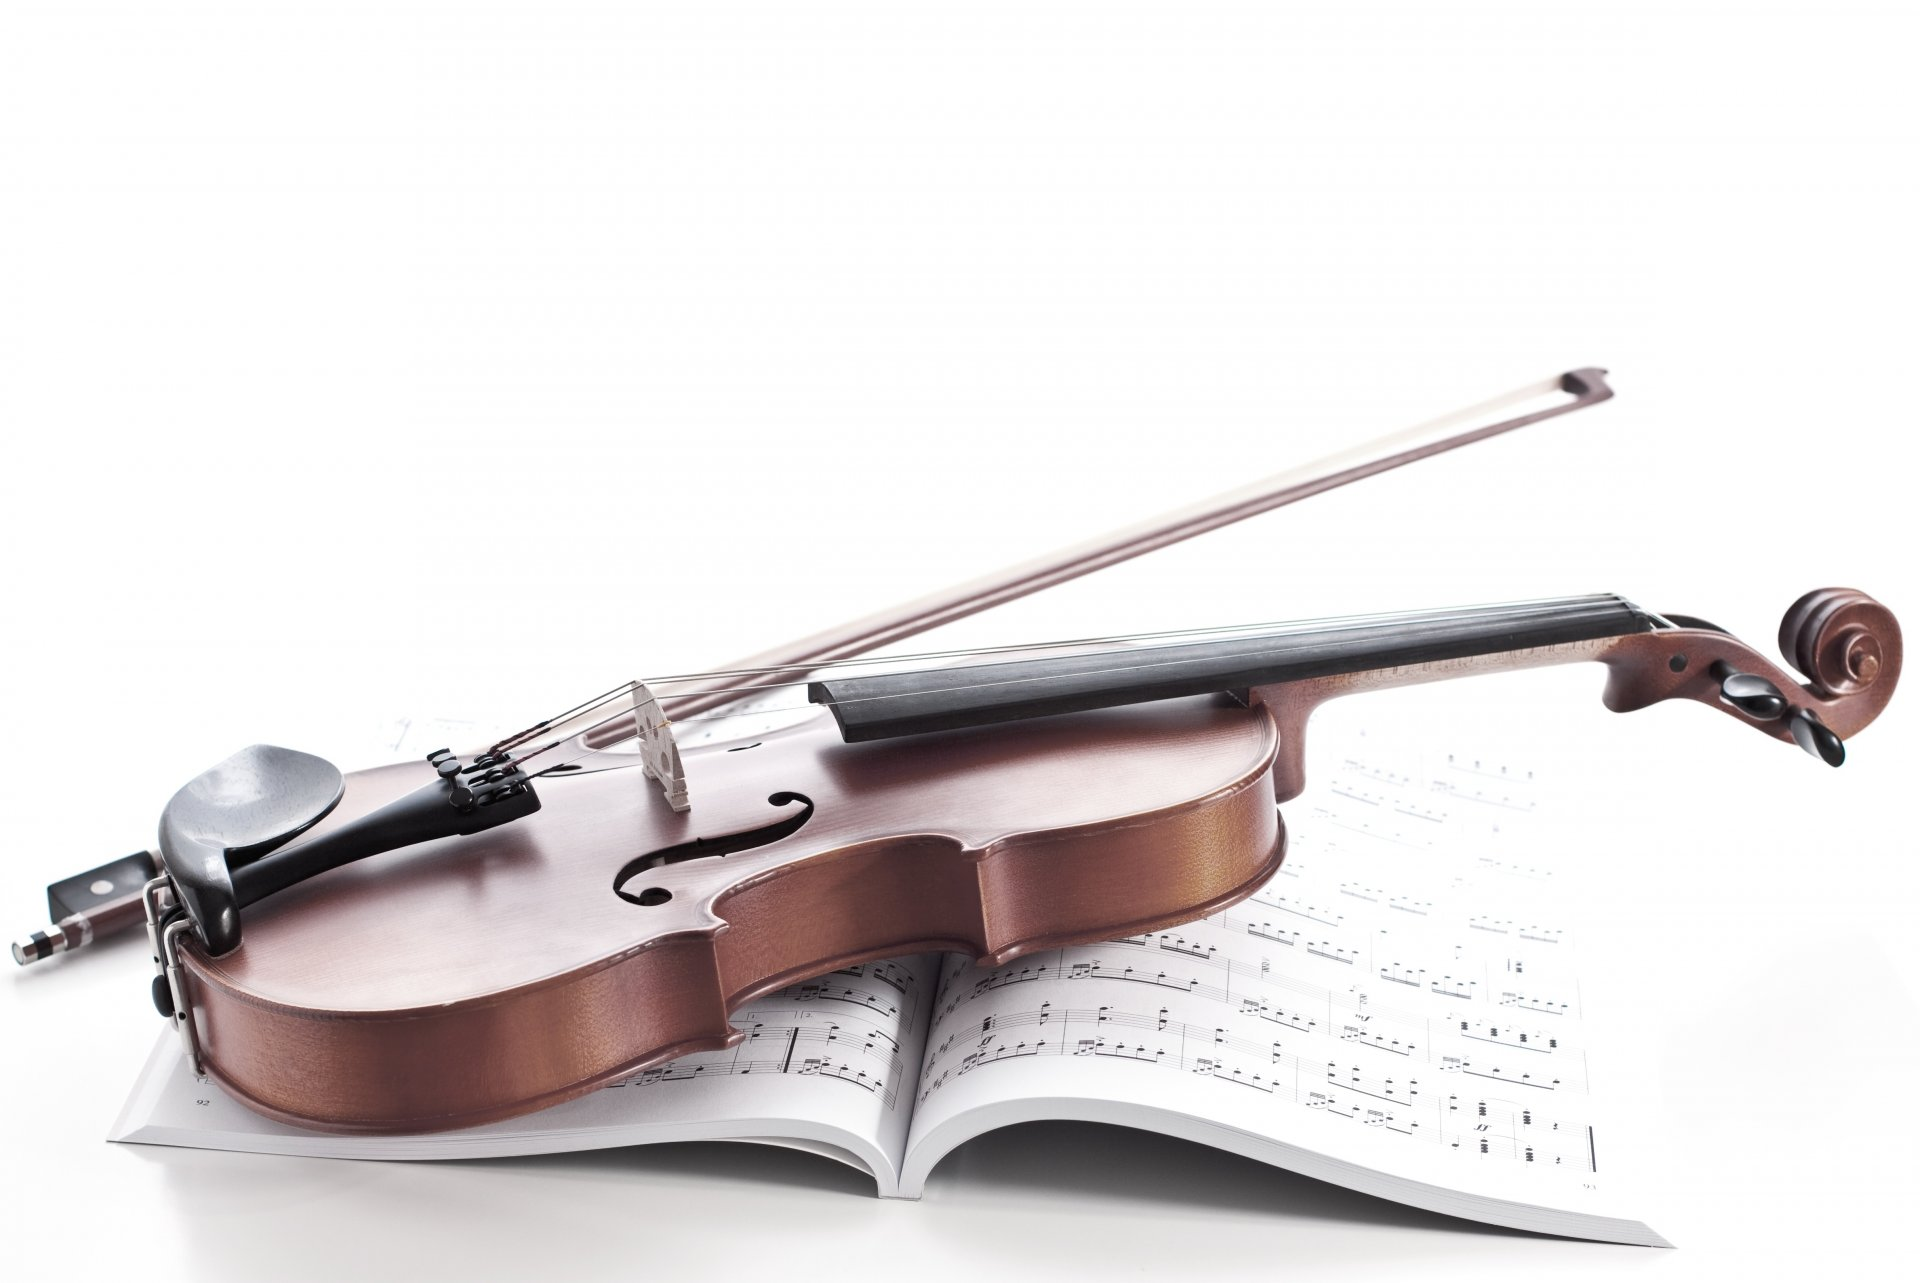 скрипка, ноты, торт  № 1908237 загрузить